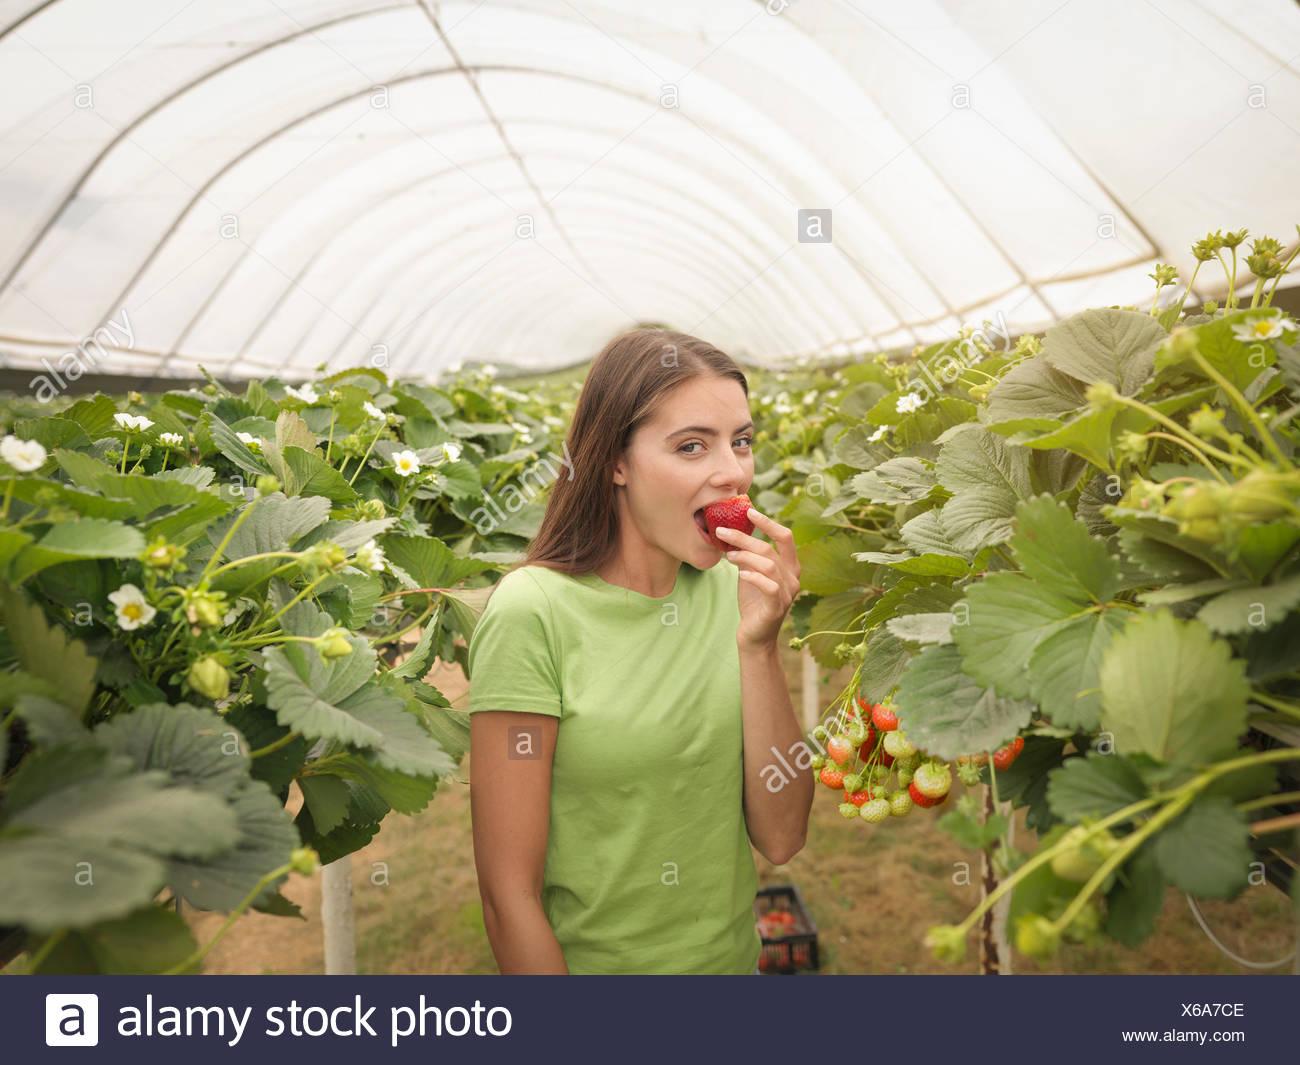 Retrato de selector de Fresa Fresa en polytunnel comer fruta en la granja Imagen De Stock